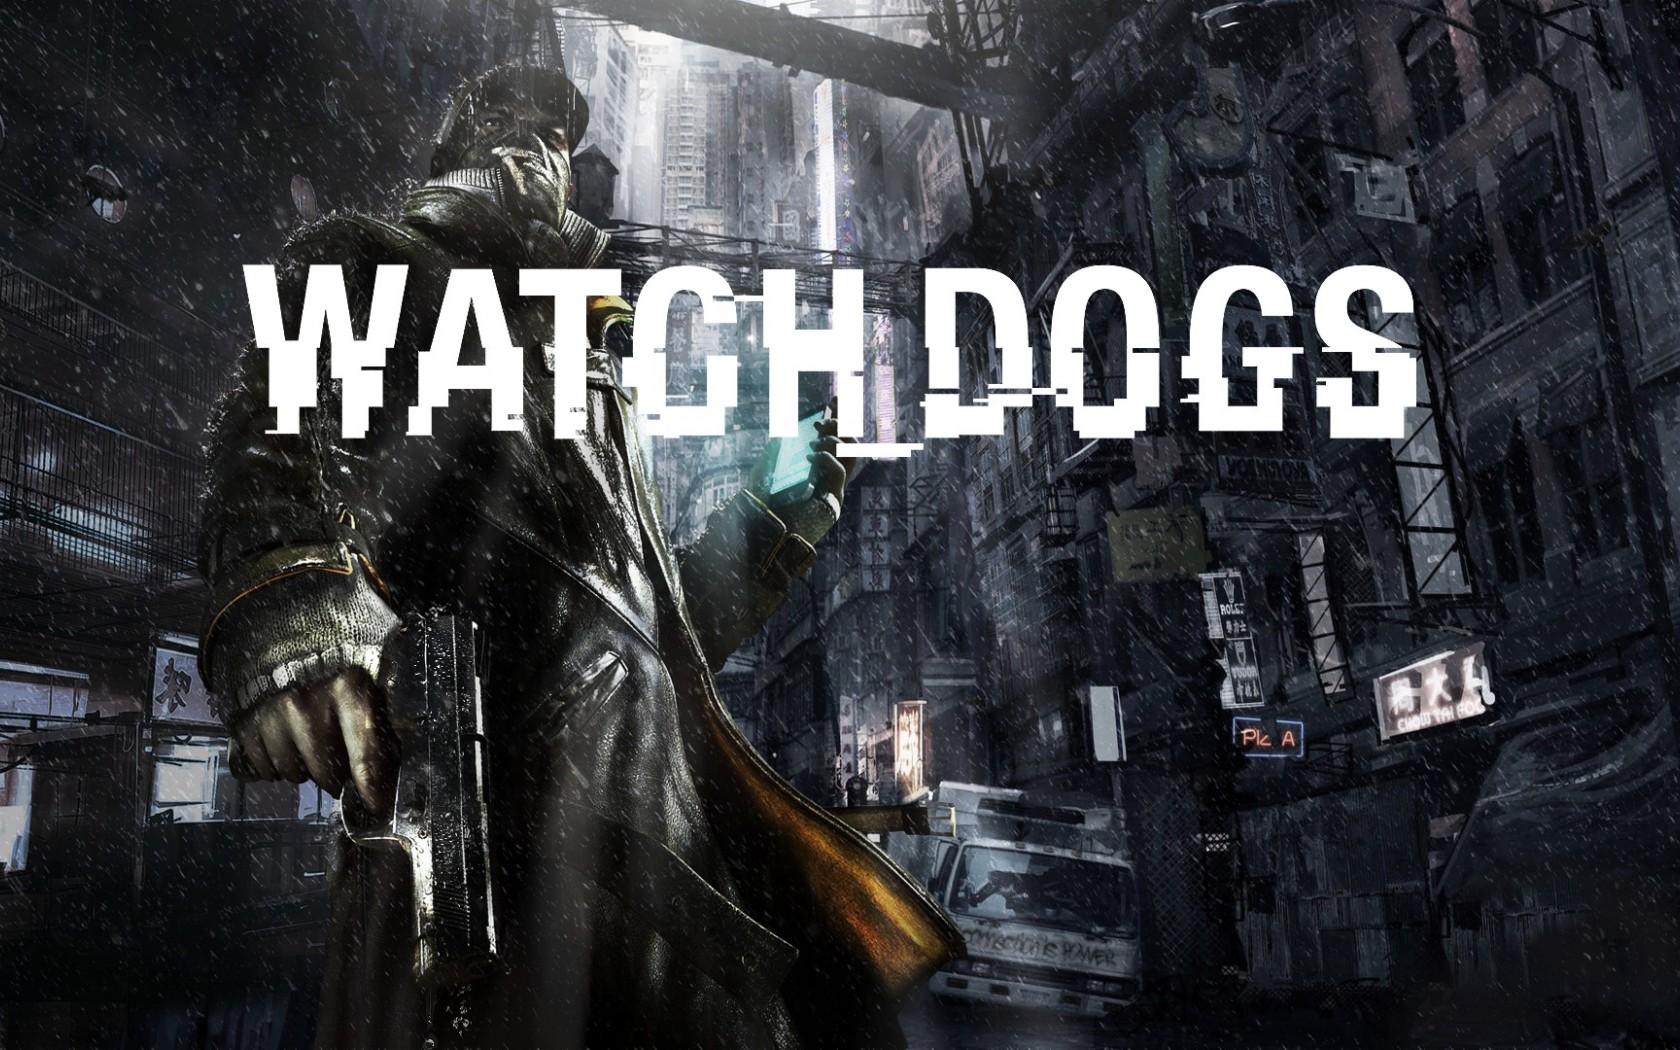 Watch Dogs recibe un parche universal con mejoras específicas de rendimiento para PC